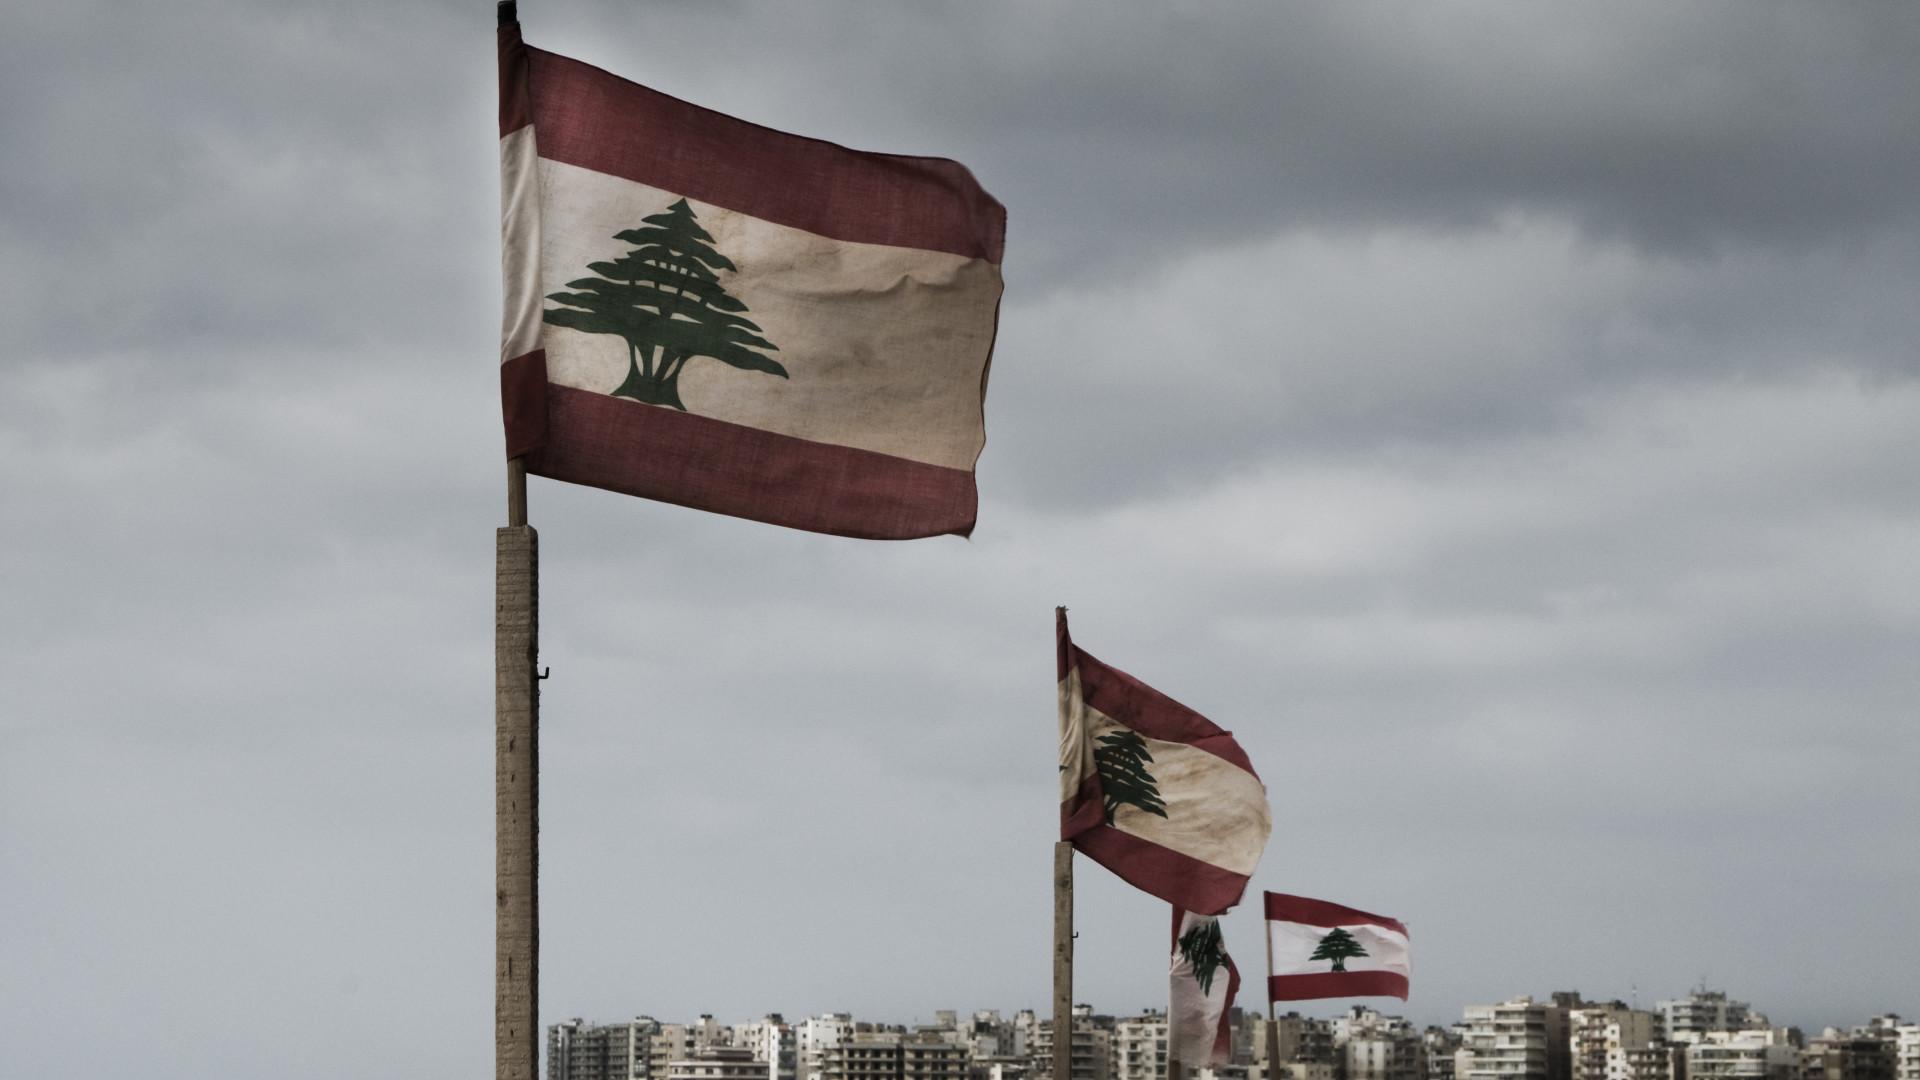 Libanoni vezetőket fenyeget szankciókkal az Európai Unió